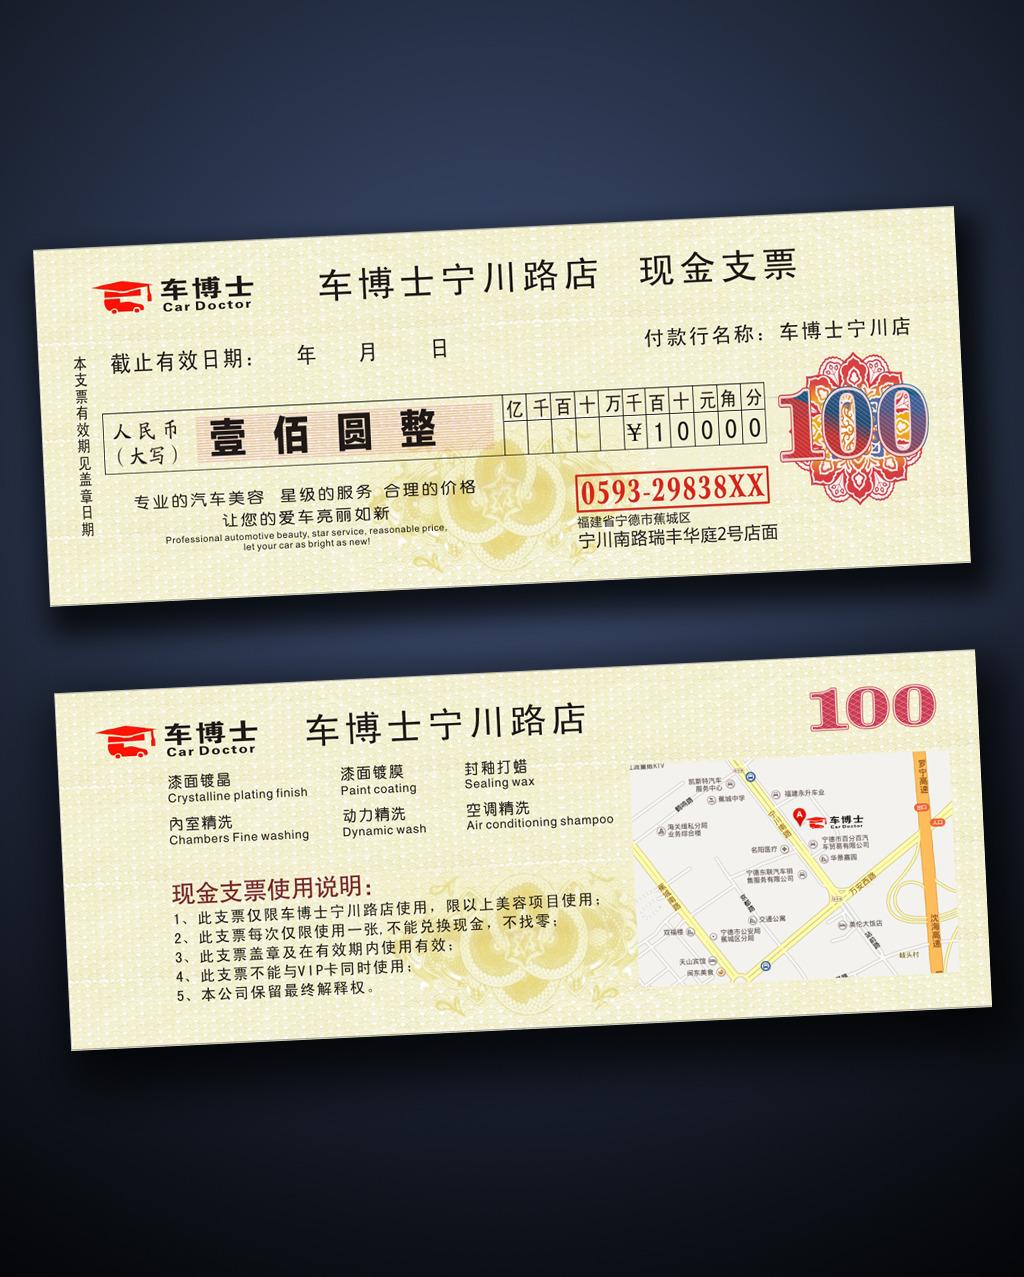 平面设计 vip卡|名片模板 优惠券|代金券 > 车博士100元现金支票设计